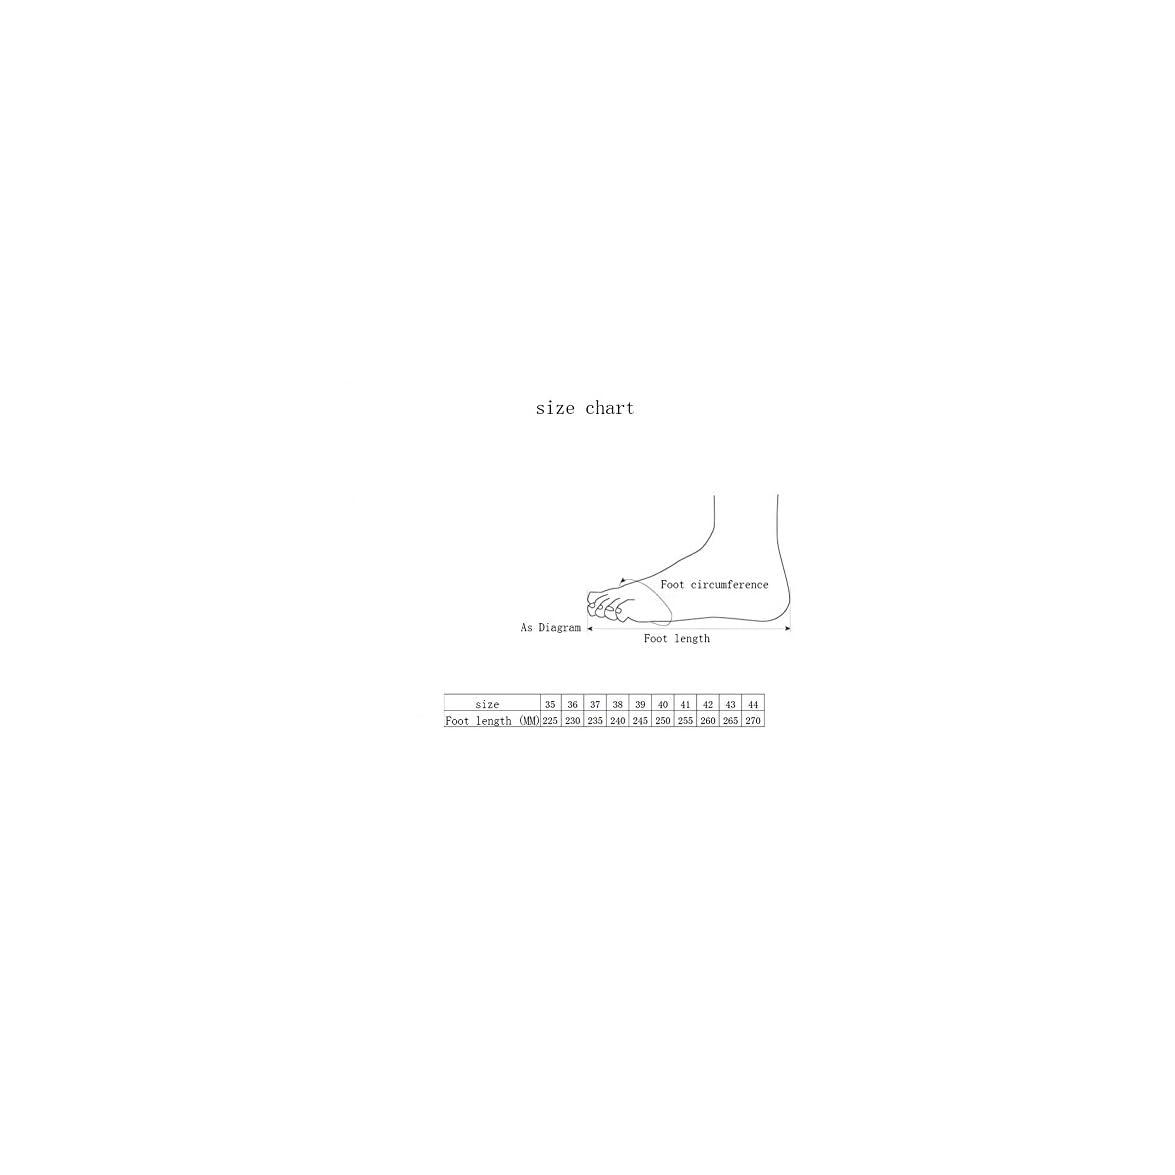 Hy Mens Scarpe Casual 2019 Nuovi Mocassini Primavera amp; Slip-ons Comfort Traspirante Guida Trekking Da Viaggio Ufficio Caree white 41